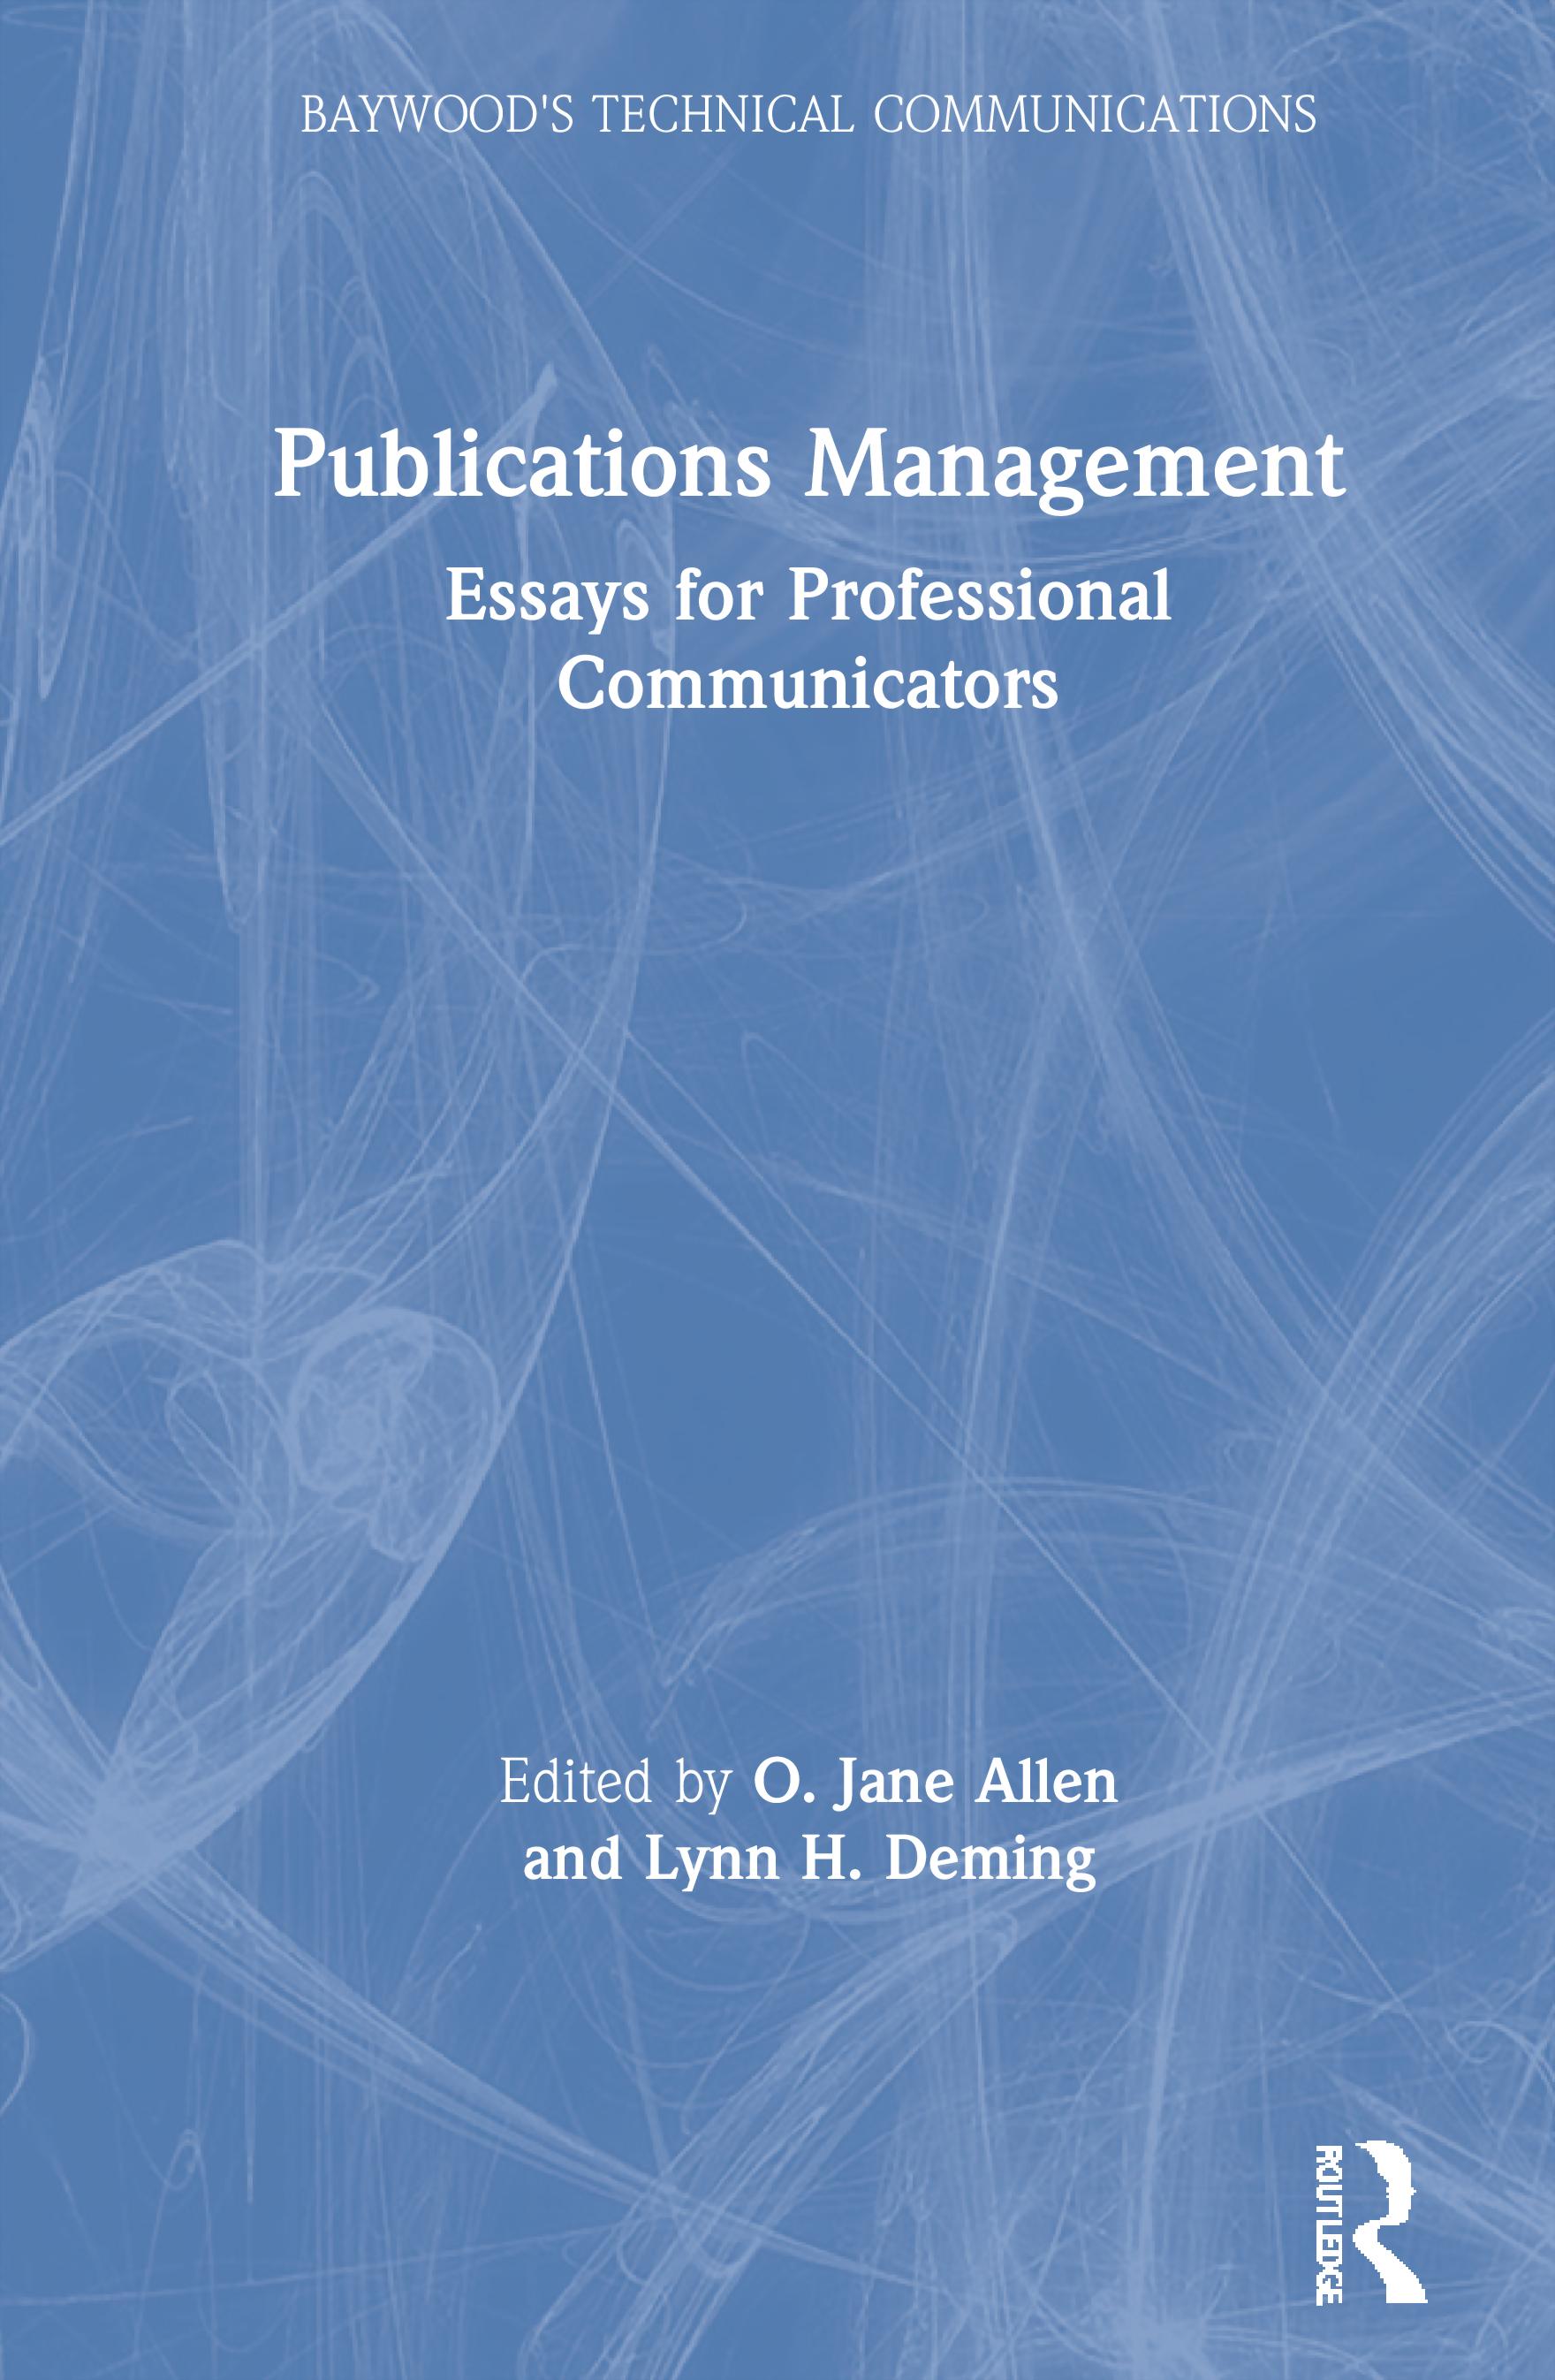 Publications Management: Essays for Professional Communicators